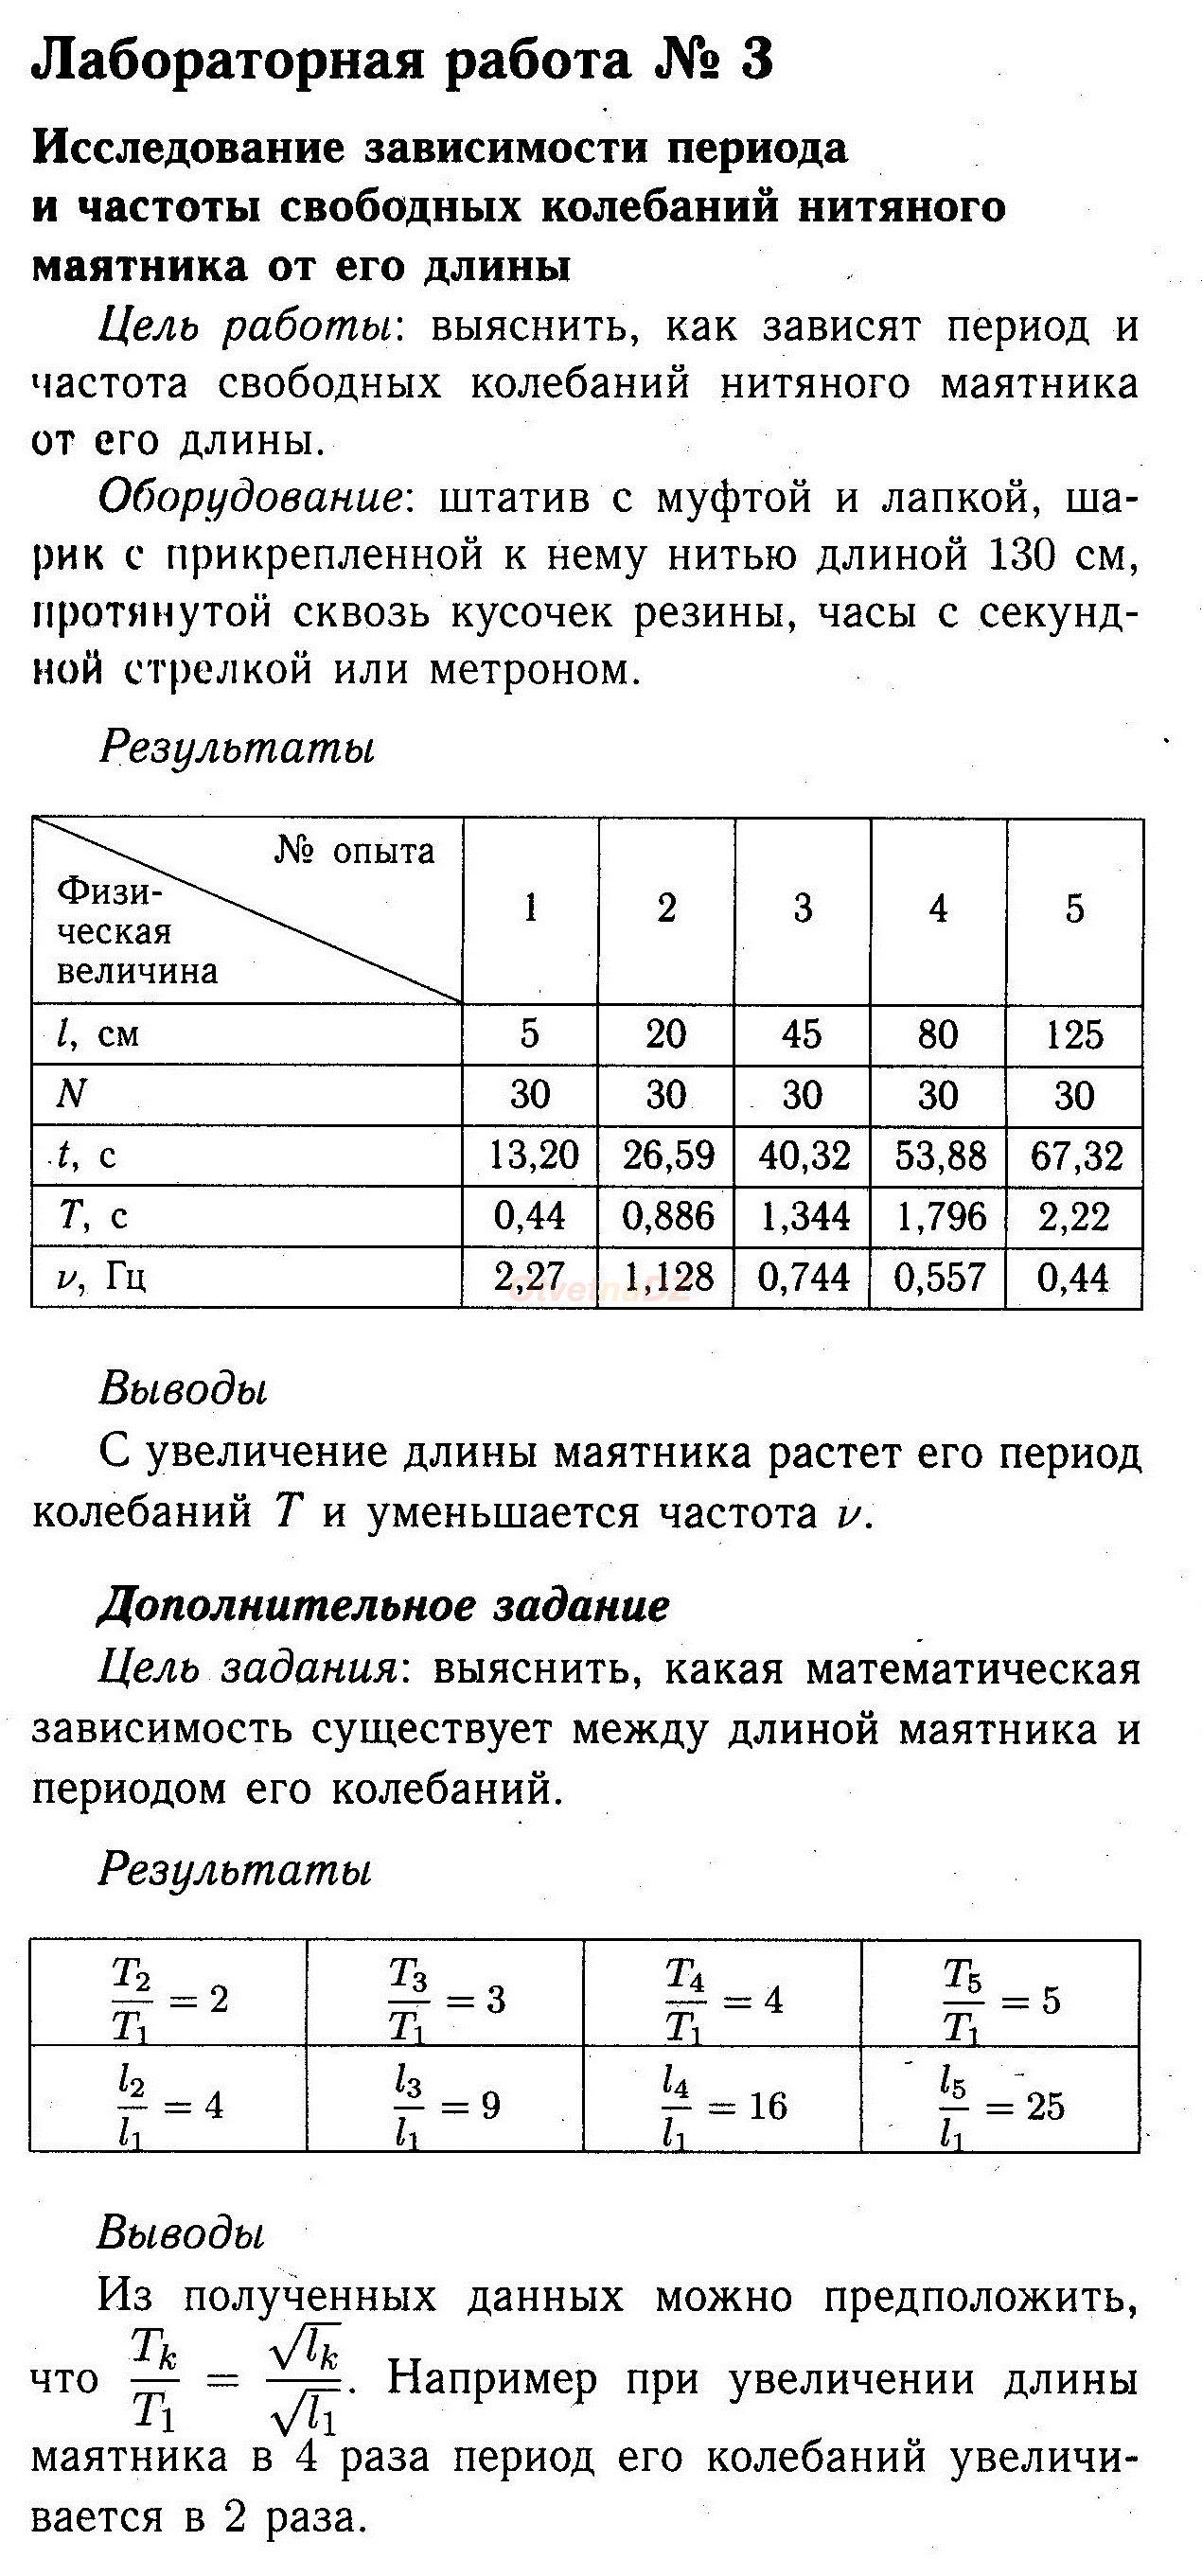 ГДЗ лабораторная работа №3